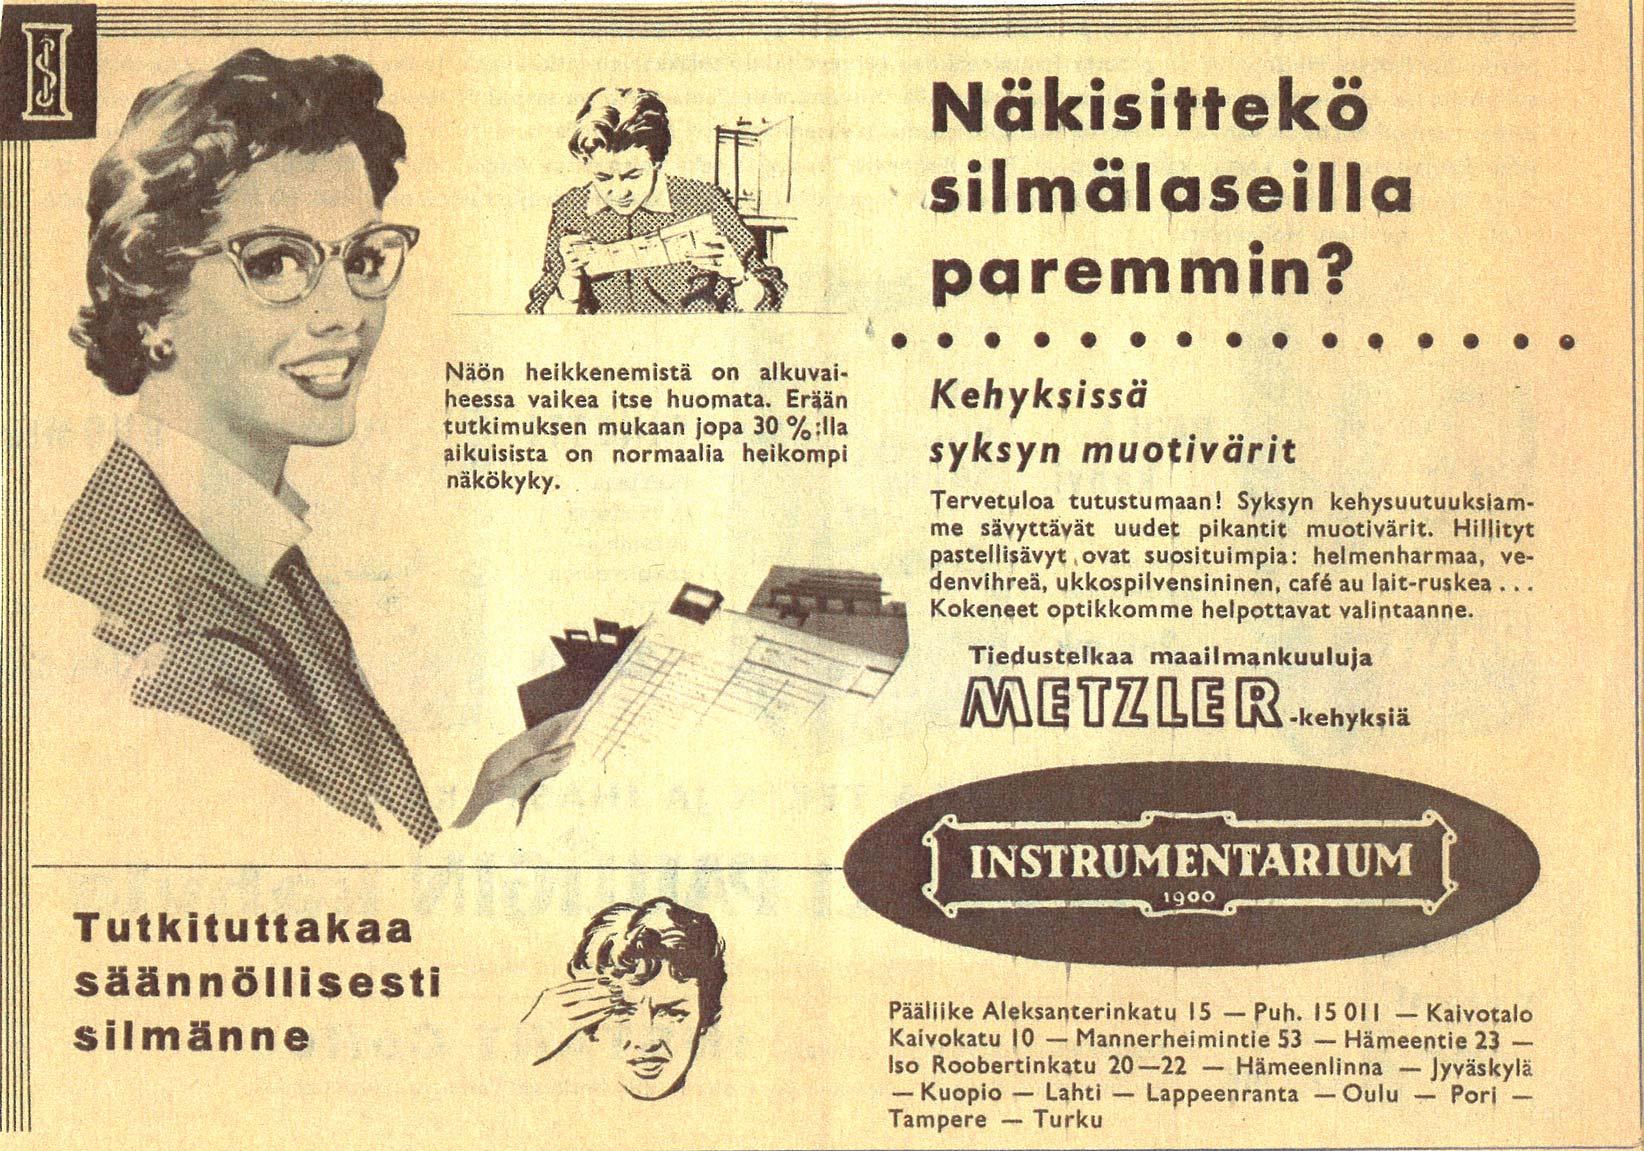 Mainos 1959 -luvulta